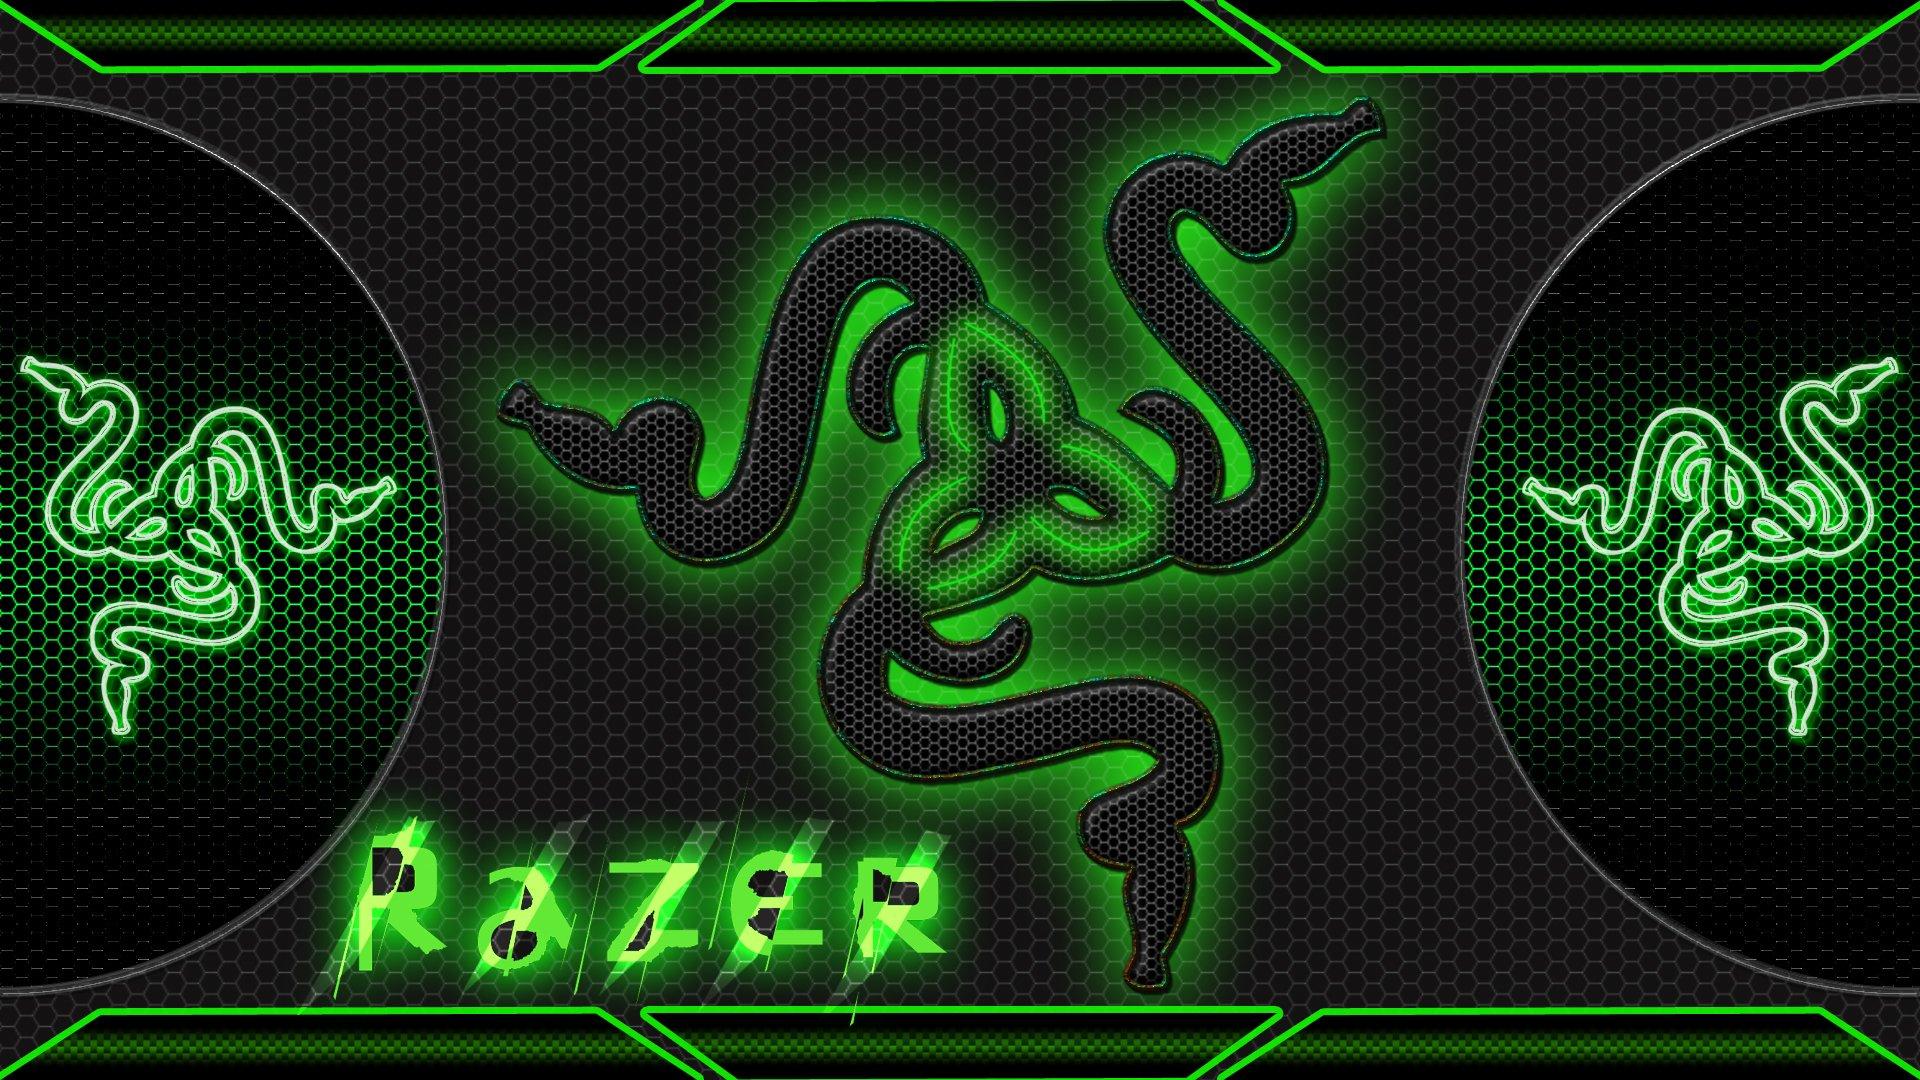 雷蛇壁纸_雷蛇高清壁纸|桌面背景|1920x1080|ID:756392-WallpaperAbyss